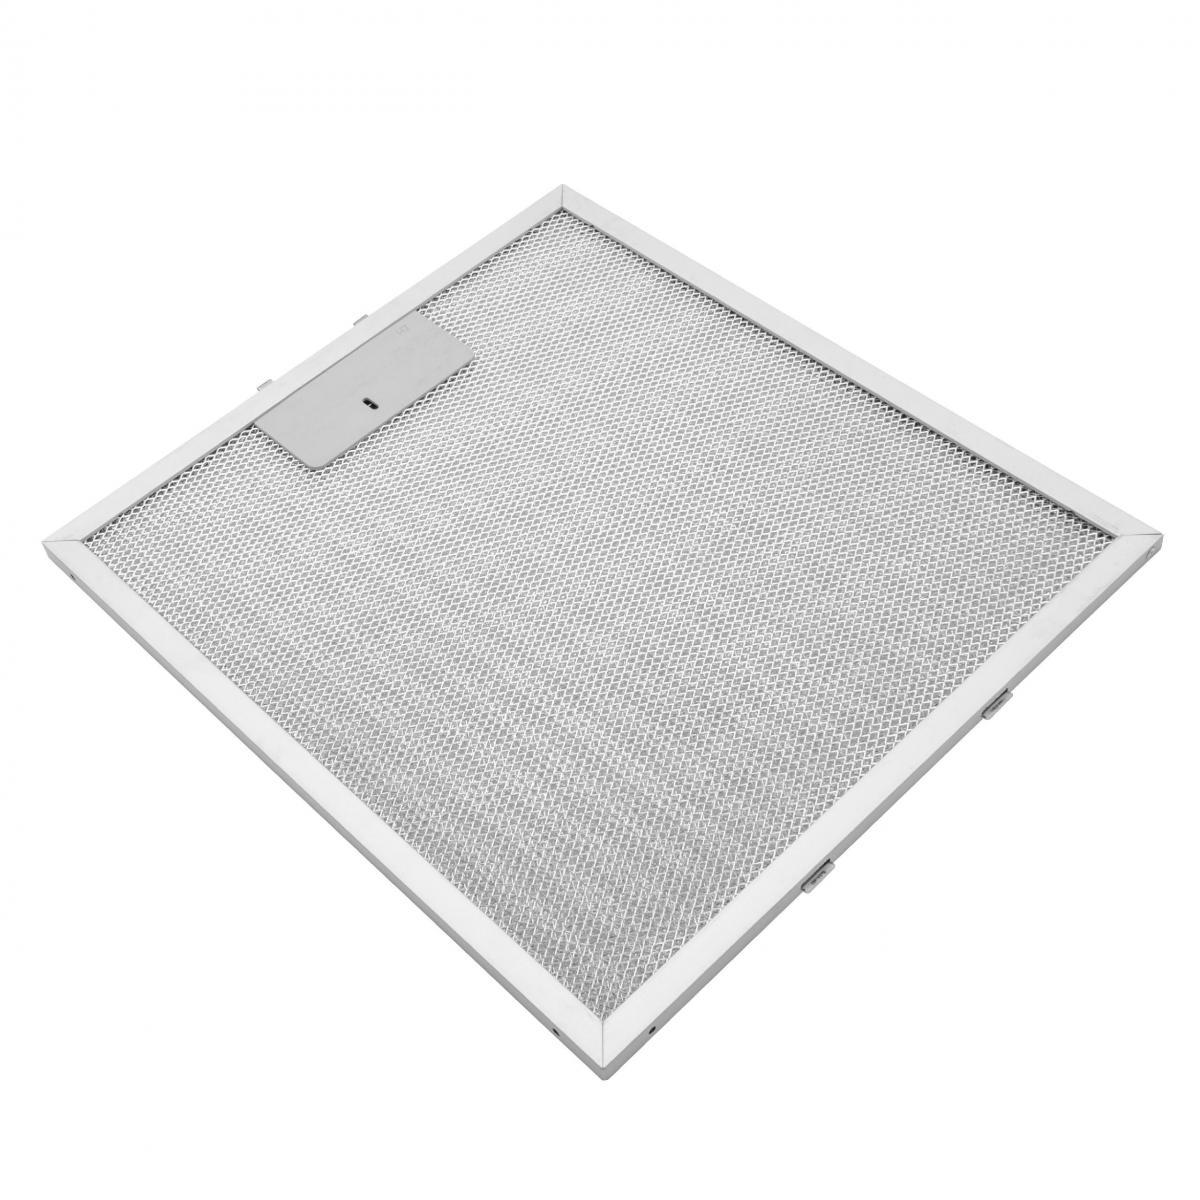 Vhbw vhbw Filtrepermanent filtre à graisse métallique 30,7 x 27,8 x 0,85cm convient pour Whirlpool AKR 886 GY 857888601903 ho